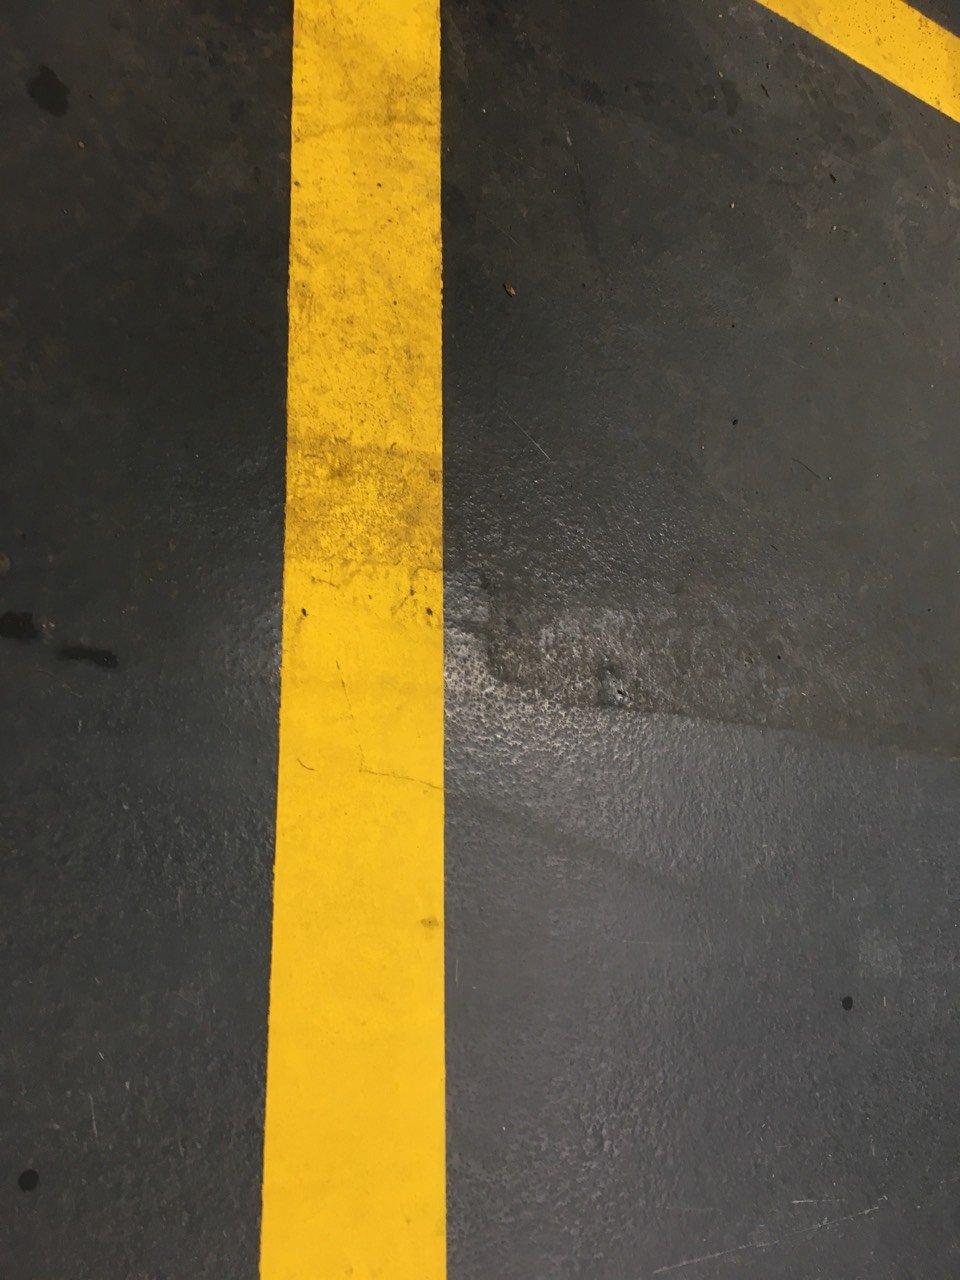 Autószerelő műhely műgyanta bevonat tisztítása Rotowash ipari súroló berendezéssel